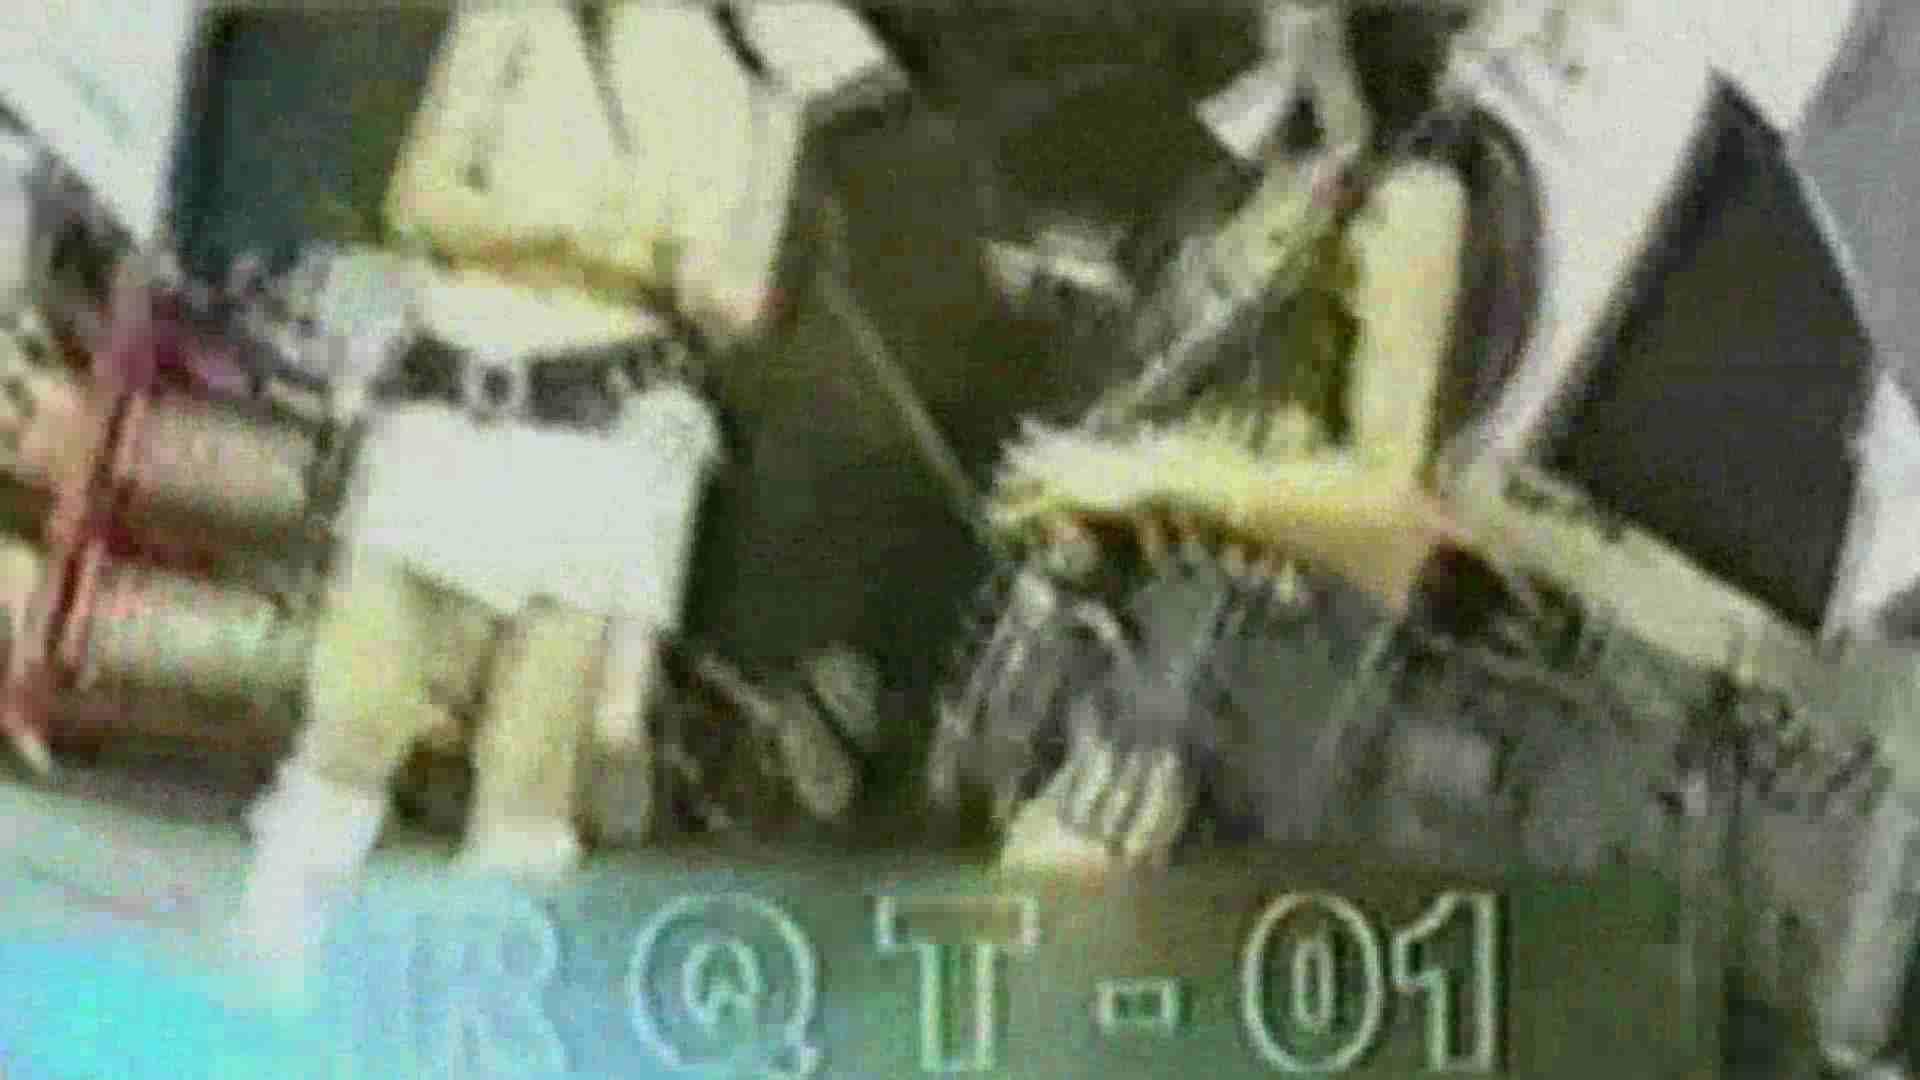 お姉さんの恥便所盗撮! Vol.2 OLエロ画像 盗撮ヌード画像 89PICs 67